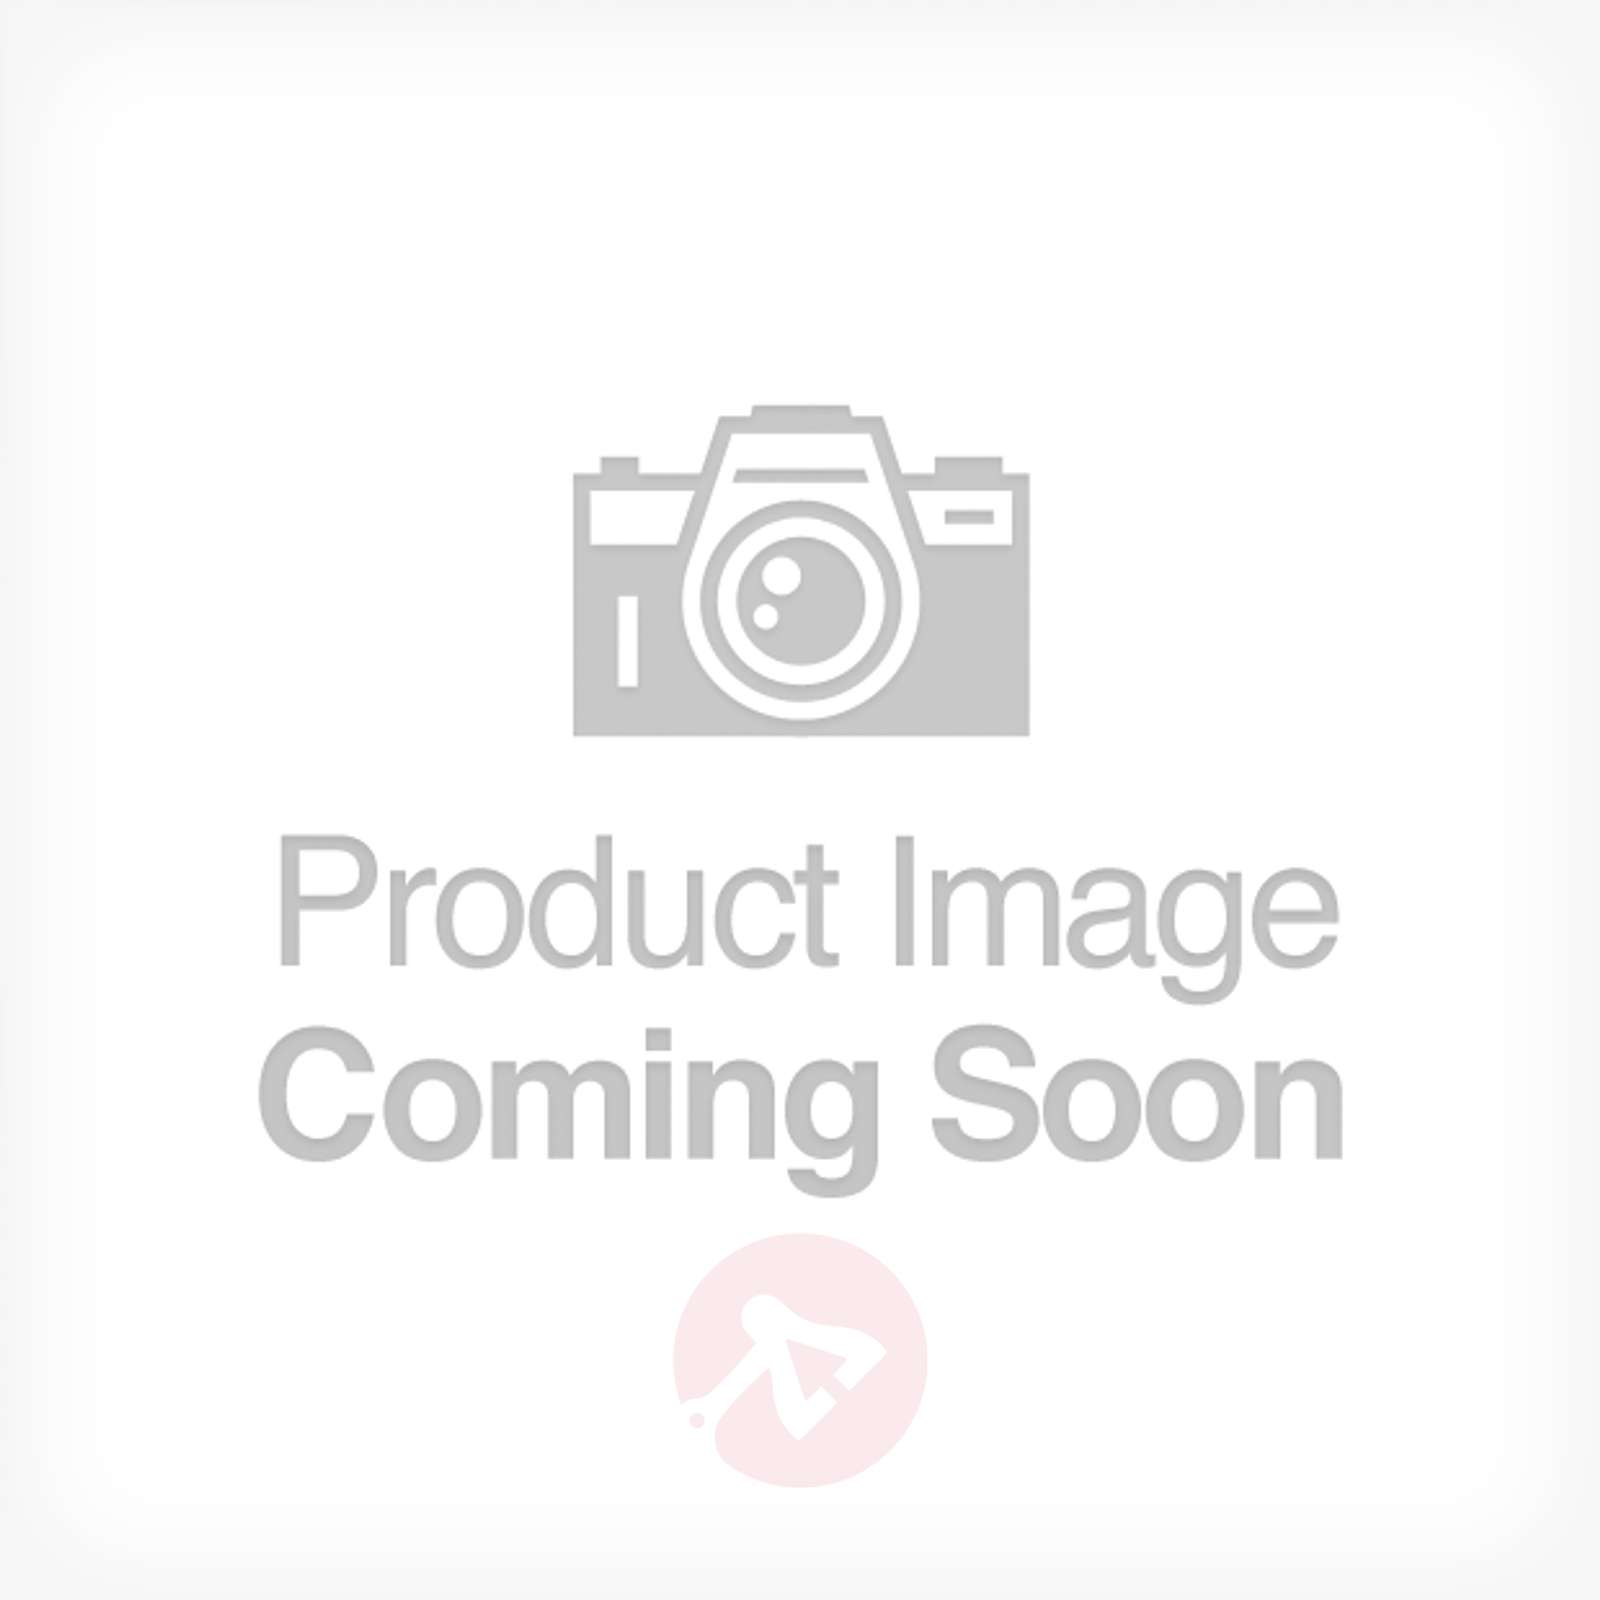 Korkea Butler P 306-LED-ulkopöytävalaisin mustana-2520157-01